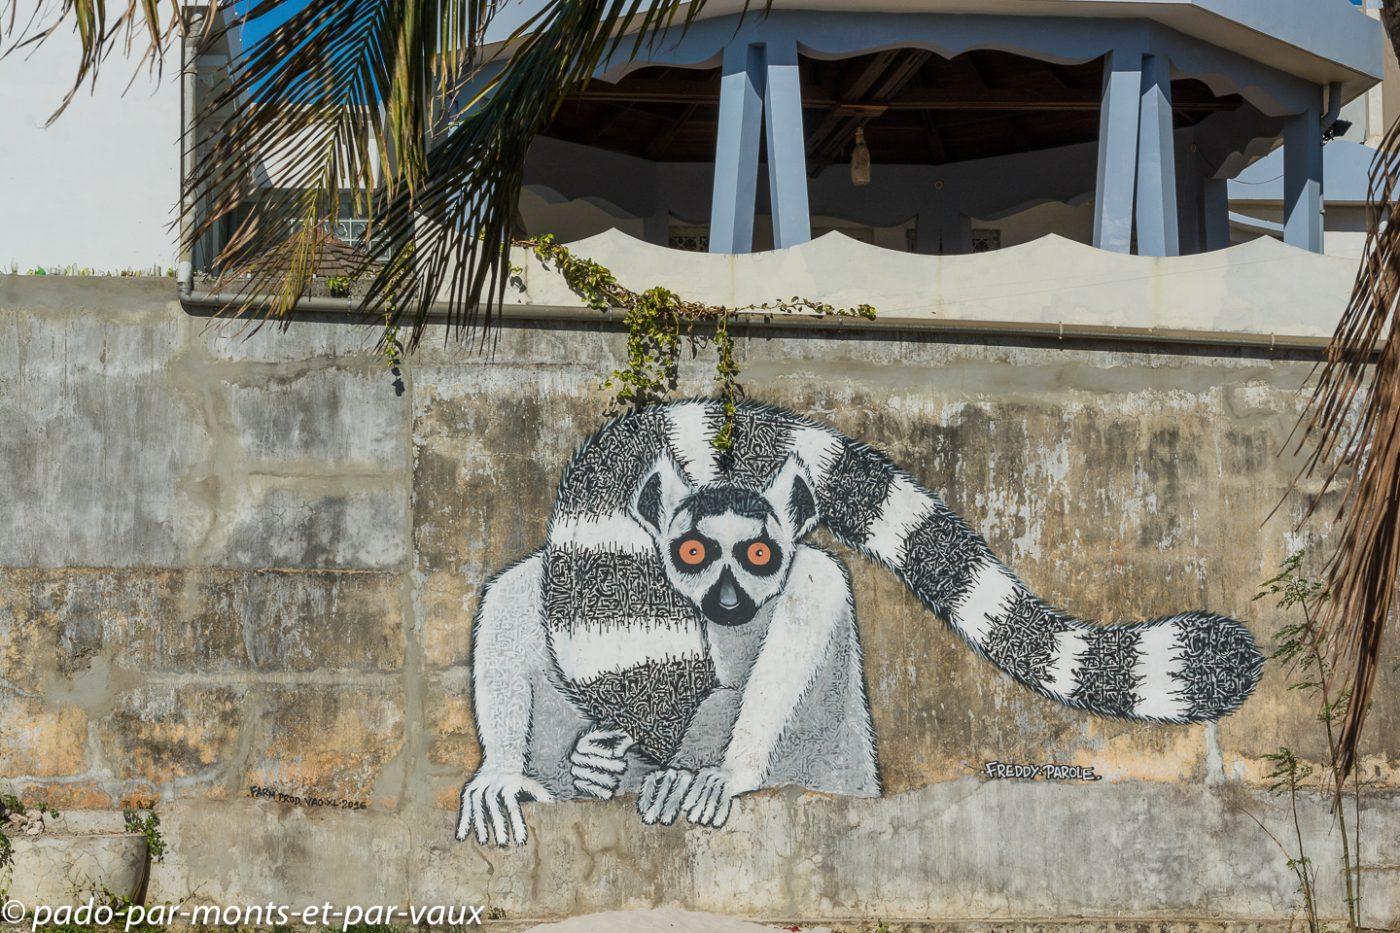 Street art Diego Suarez